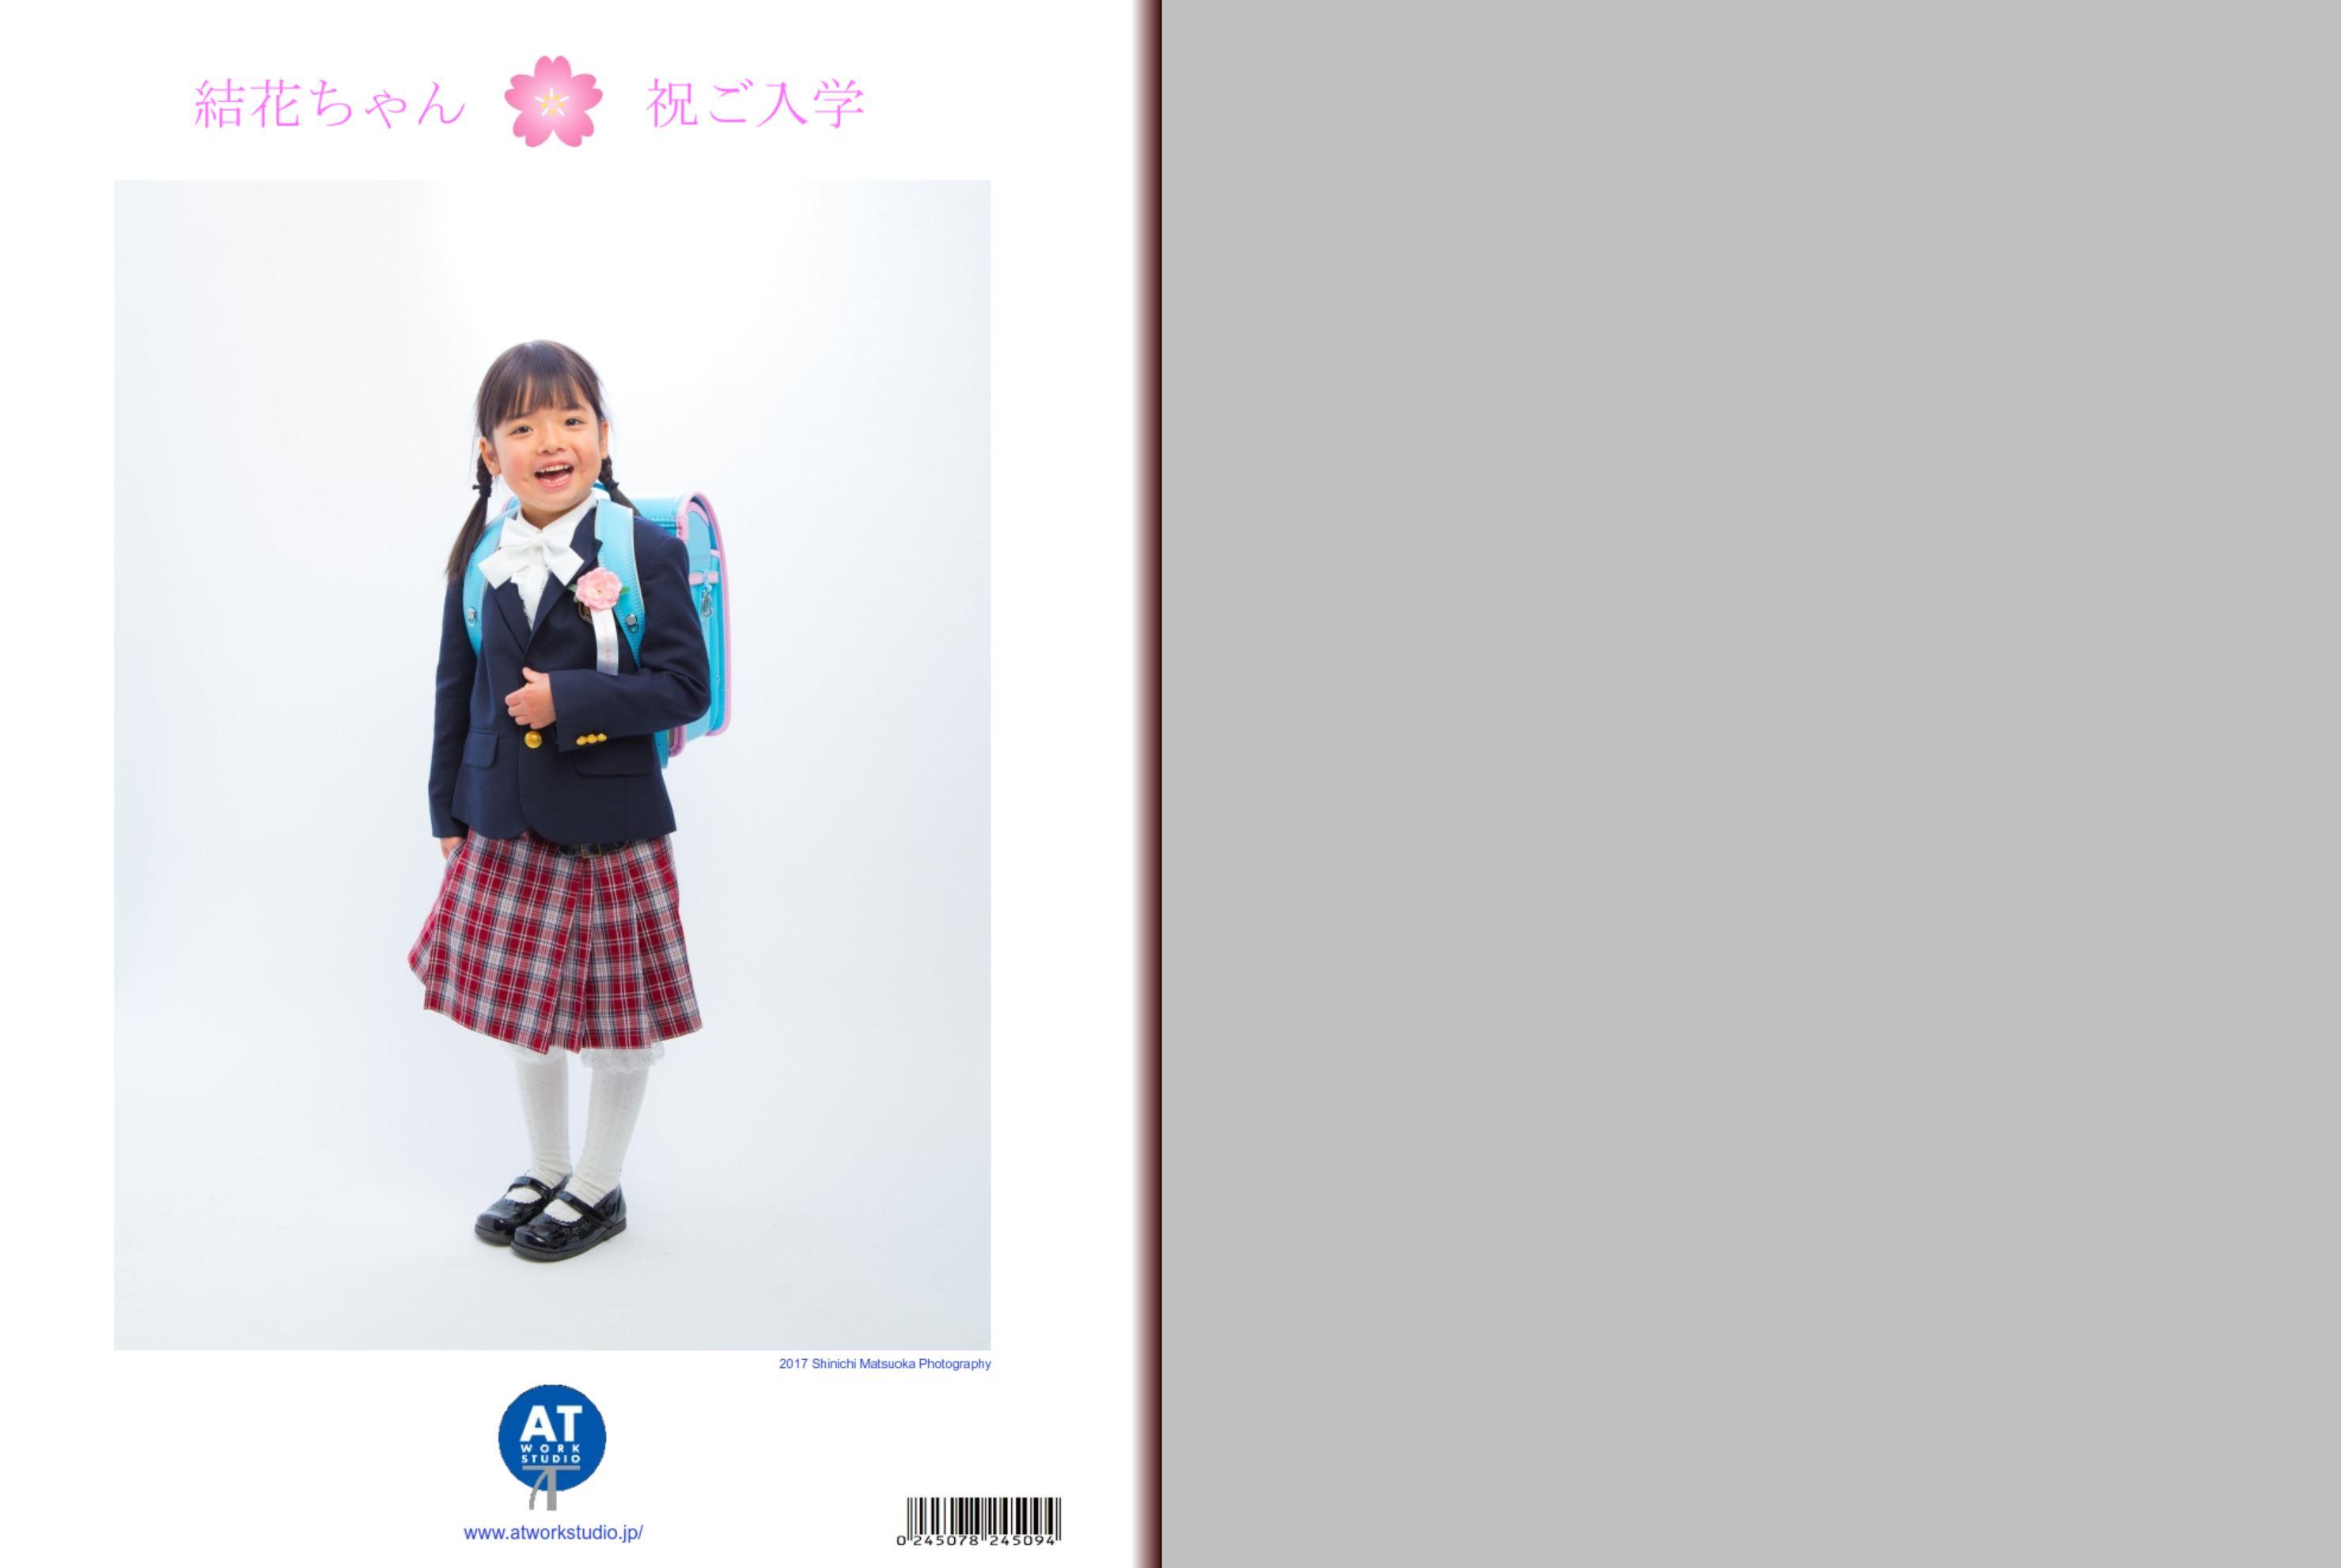 入学記念写真で作ったフォトブックの背表紙